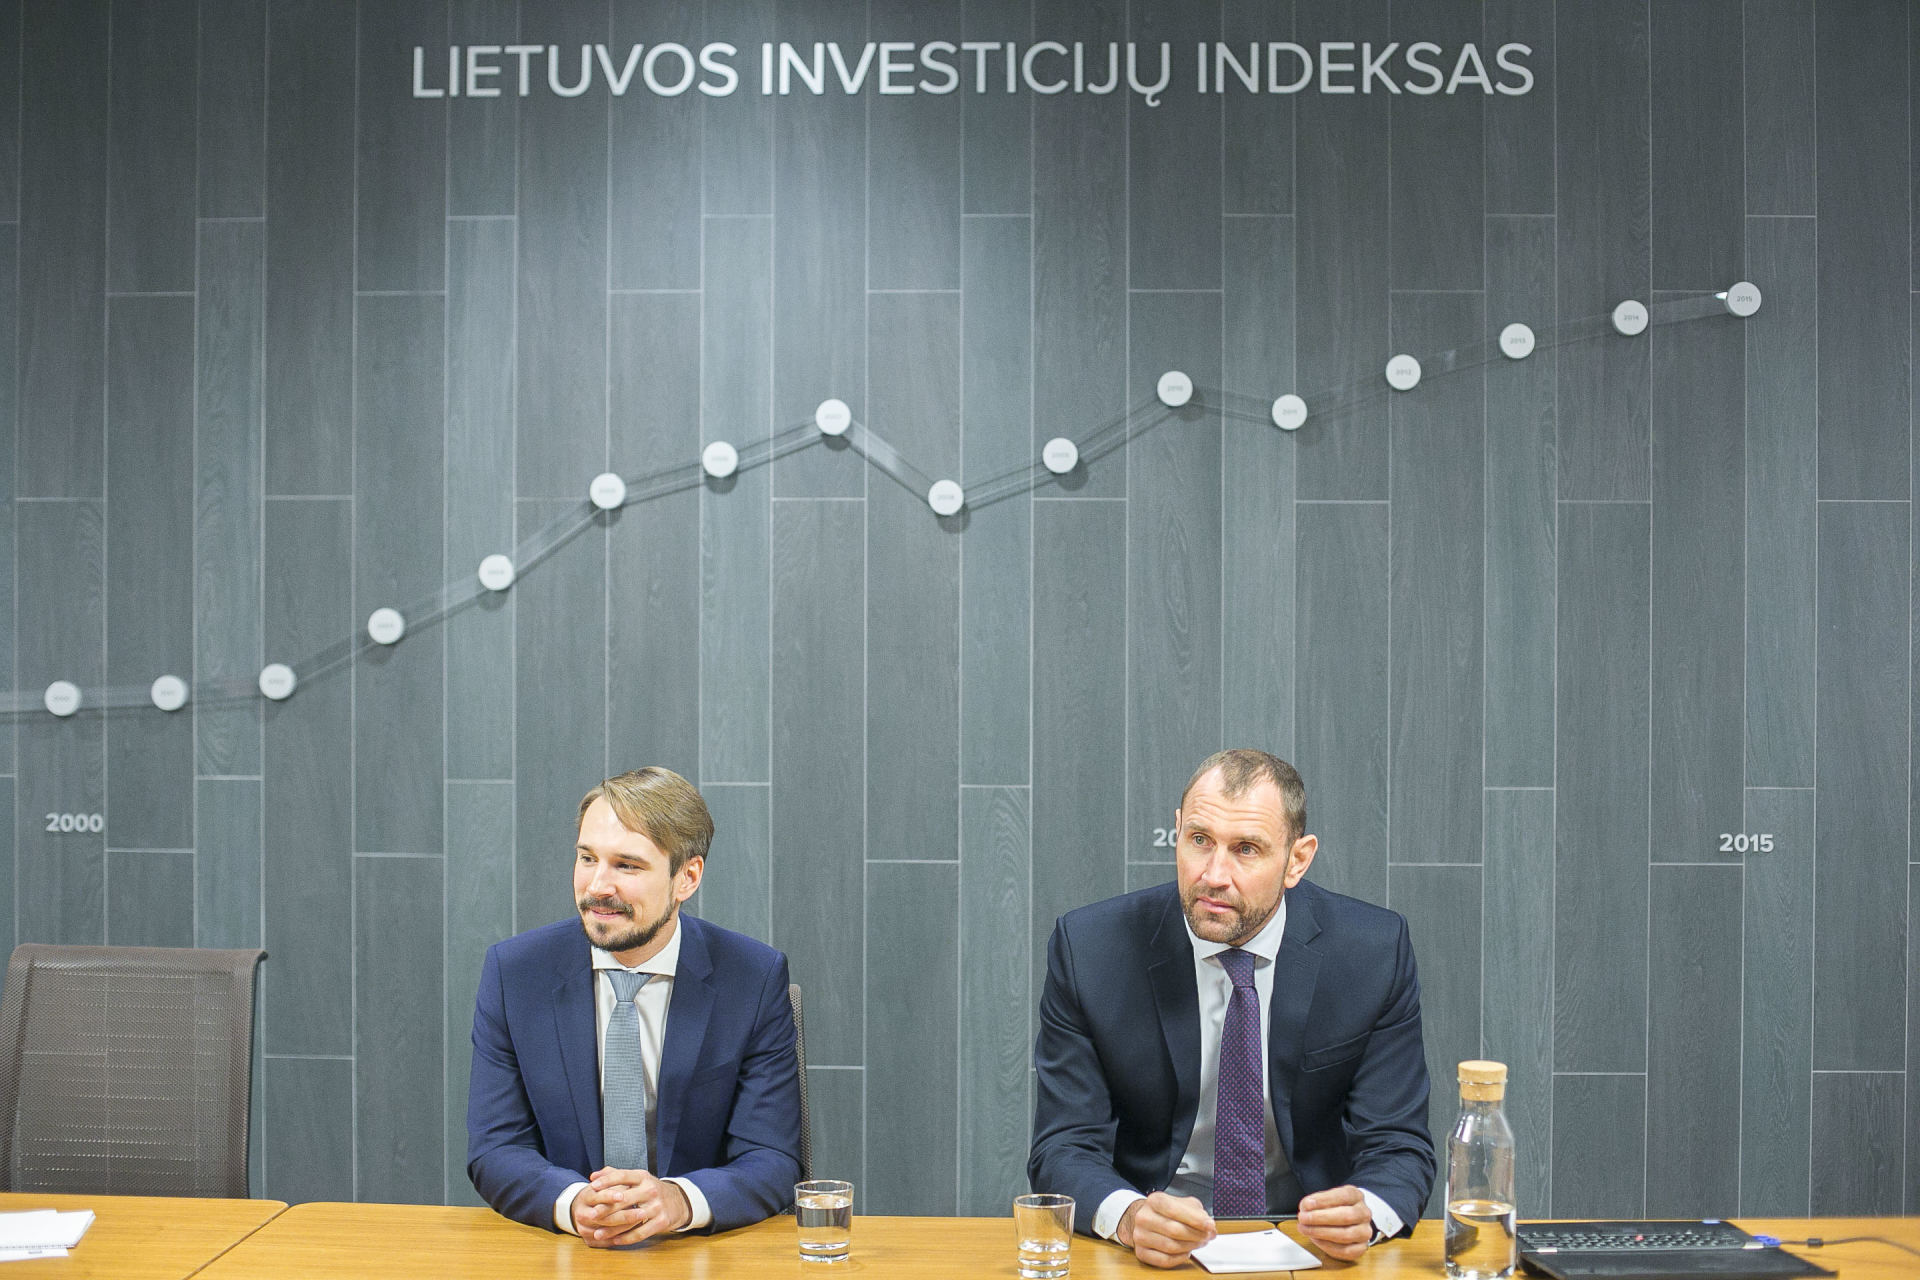 pelningiausia interneto investicija